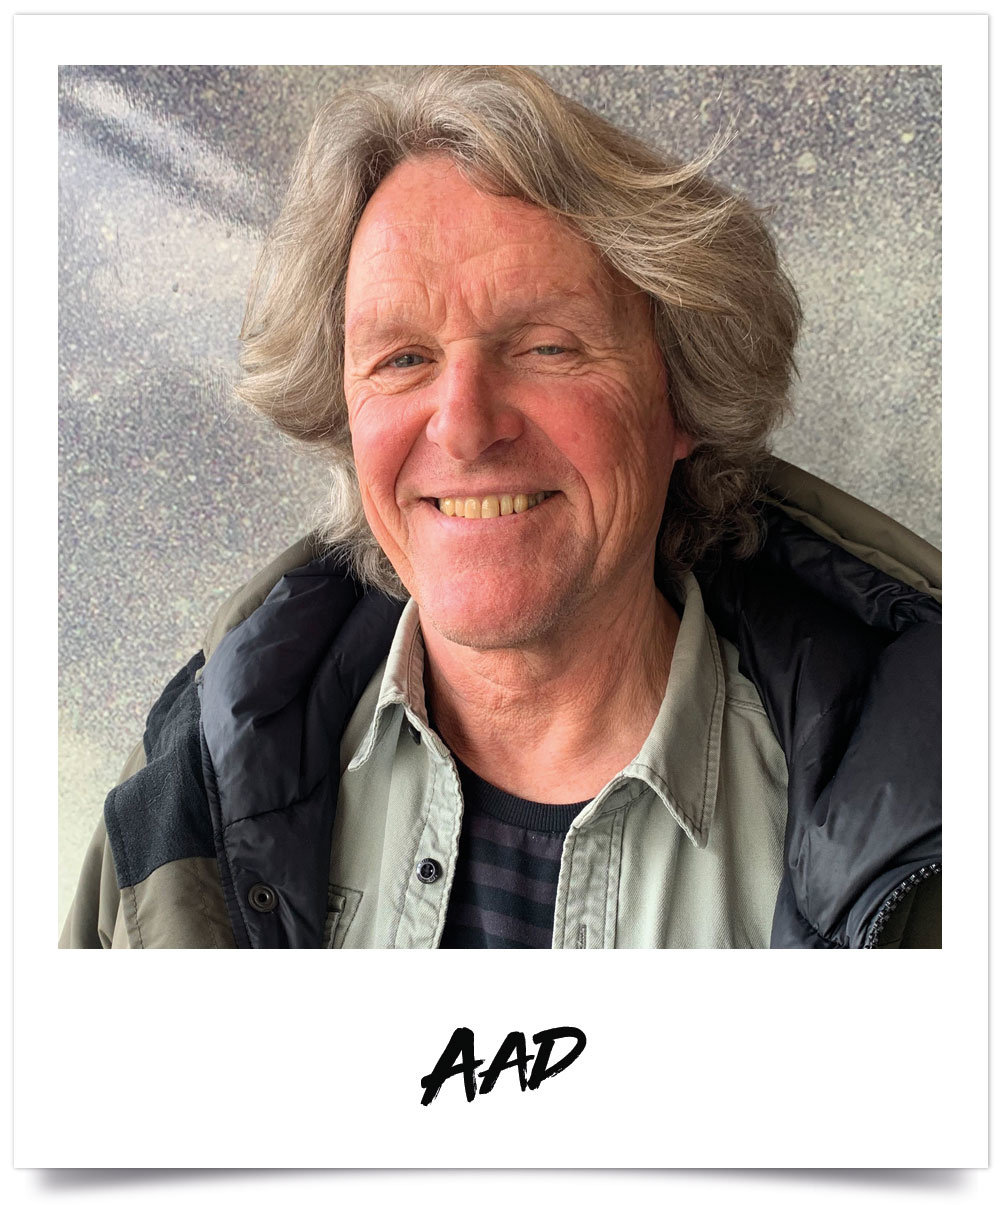 Aad van den Berg - Eurofuncenter Crew